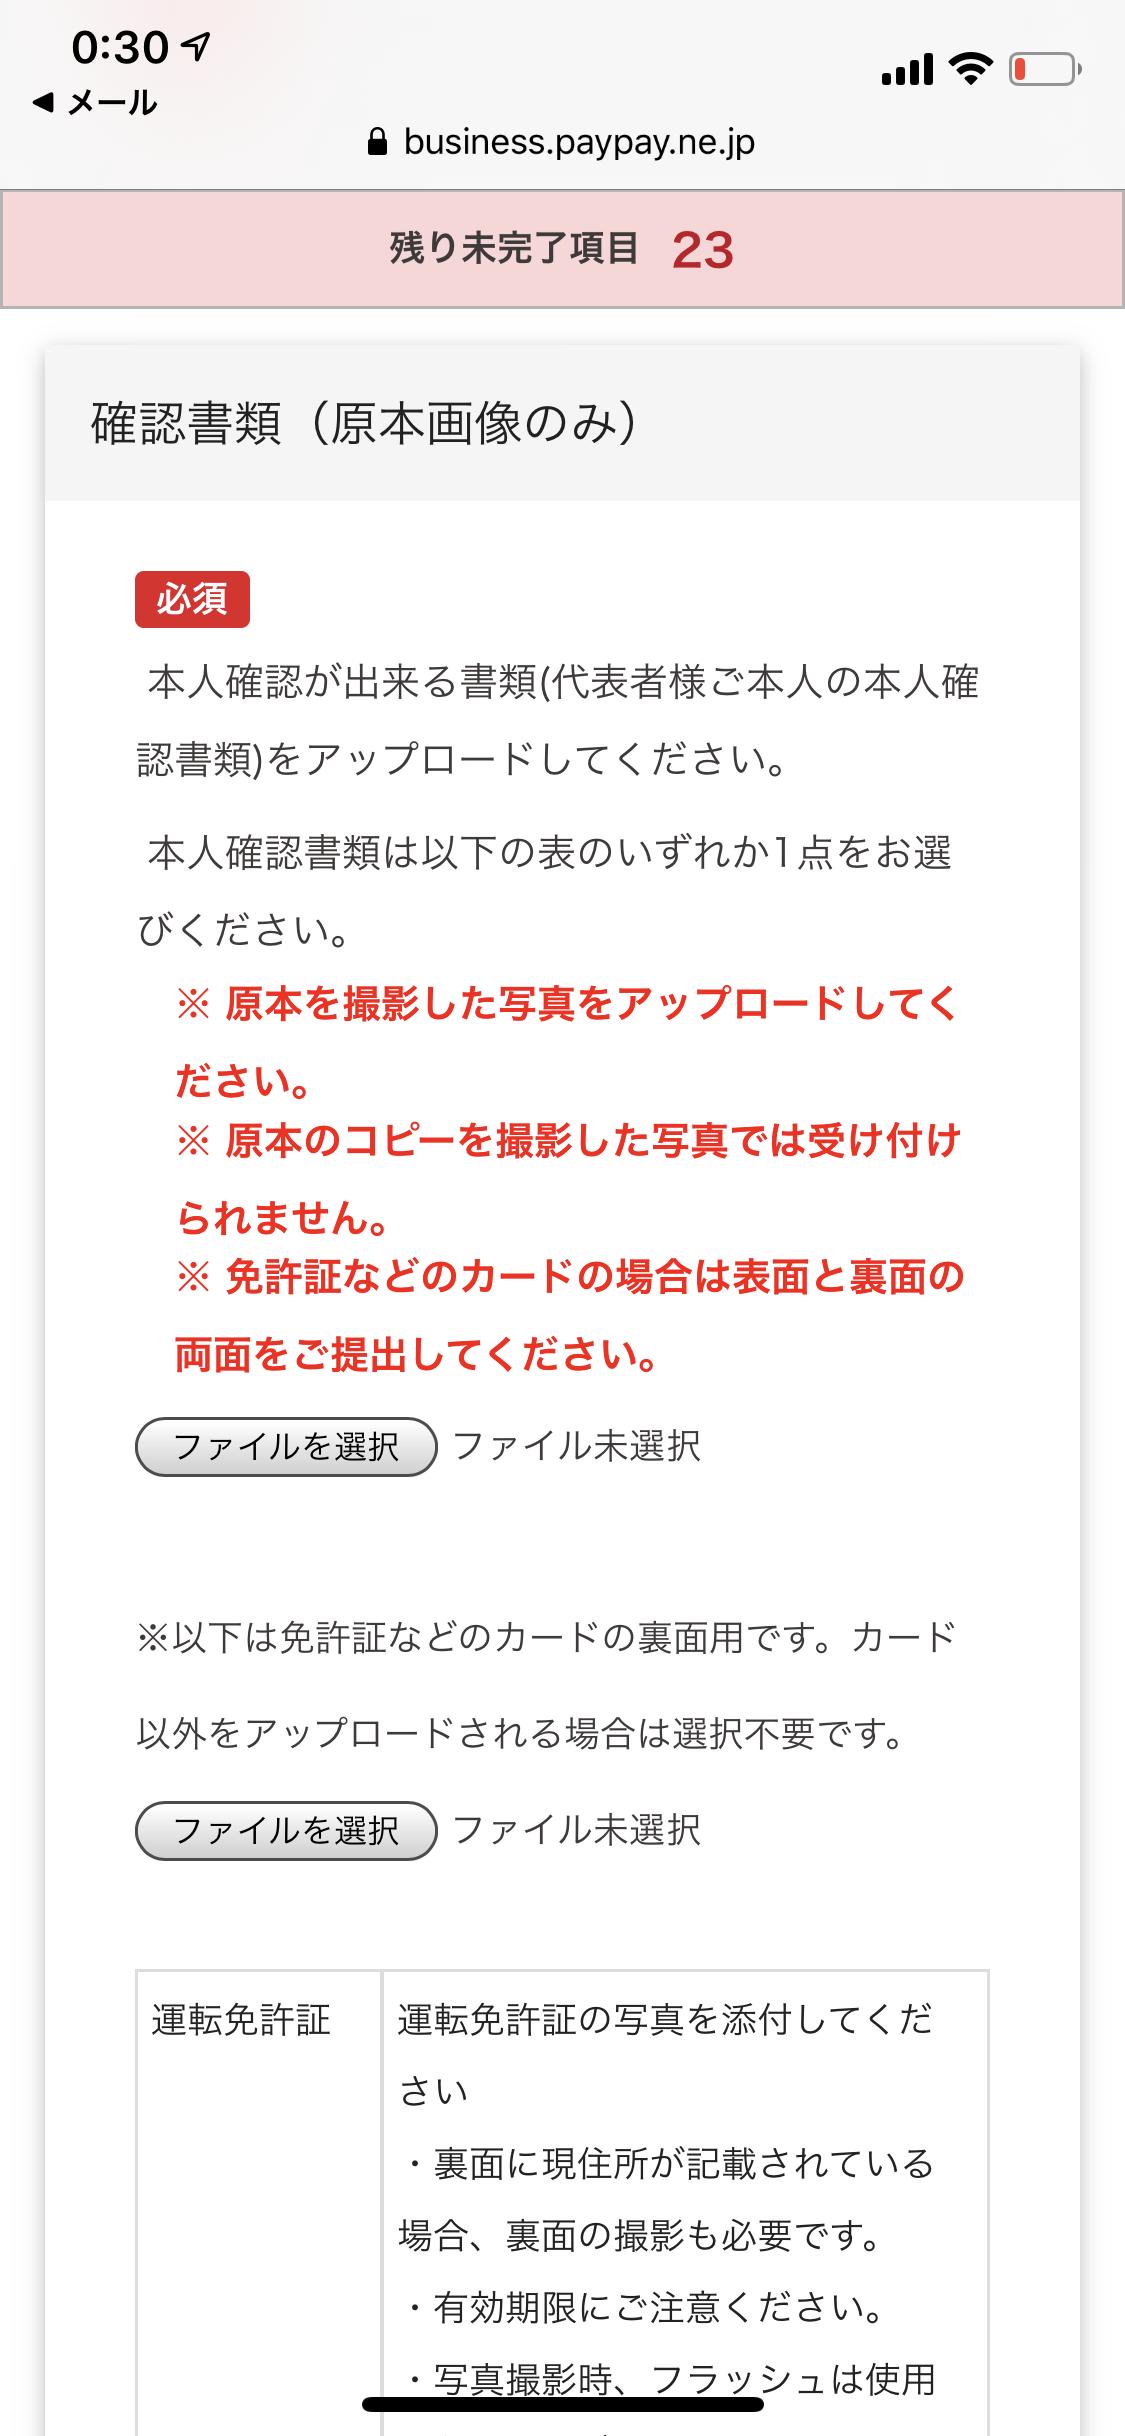 ファイル添付画面